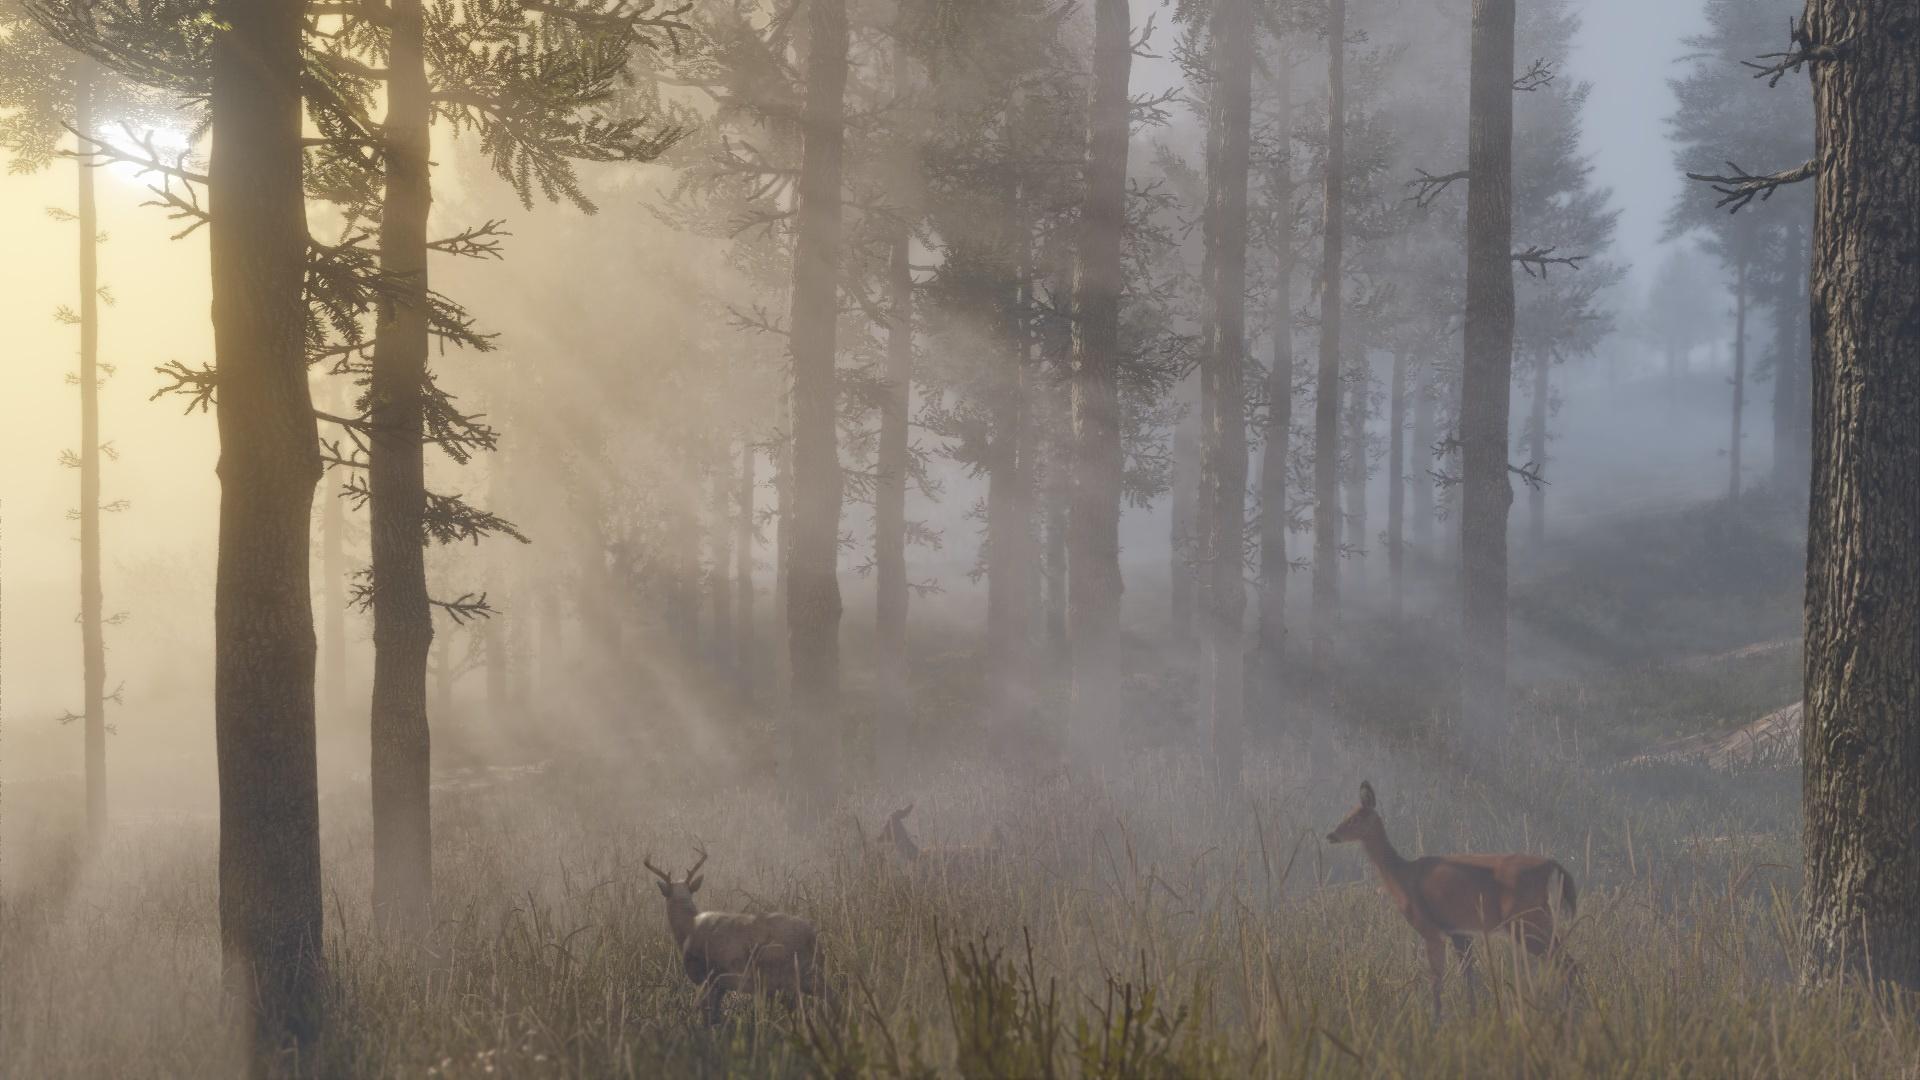 Red Dead Redemption 2: novas e belíssimas imagens destacam visual do jogo 6